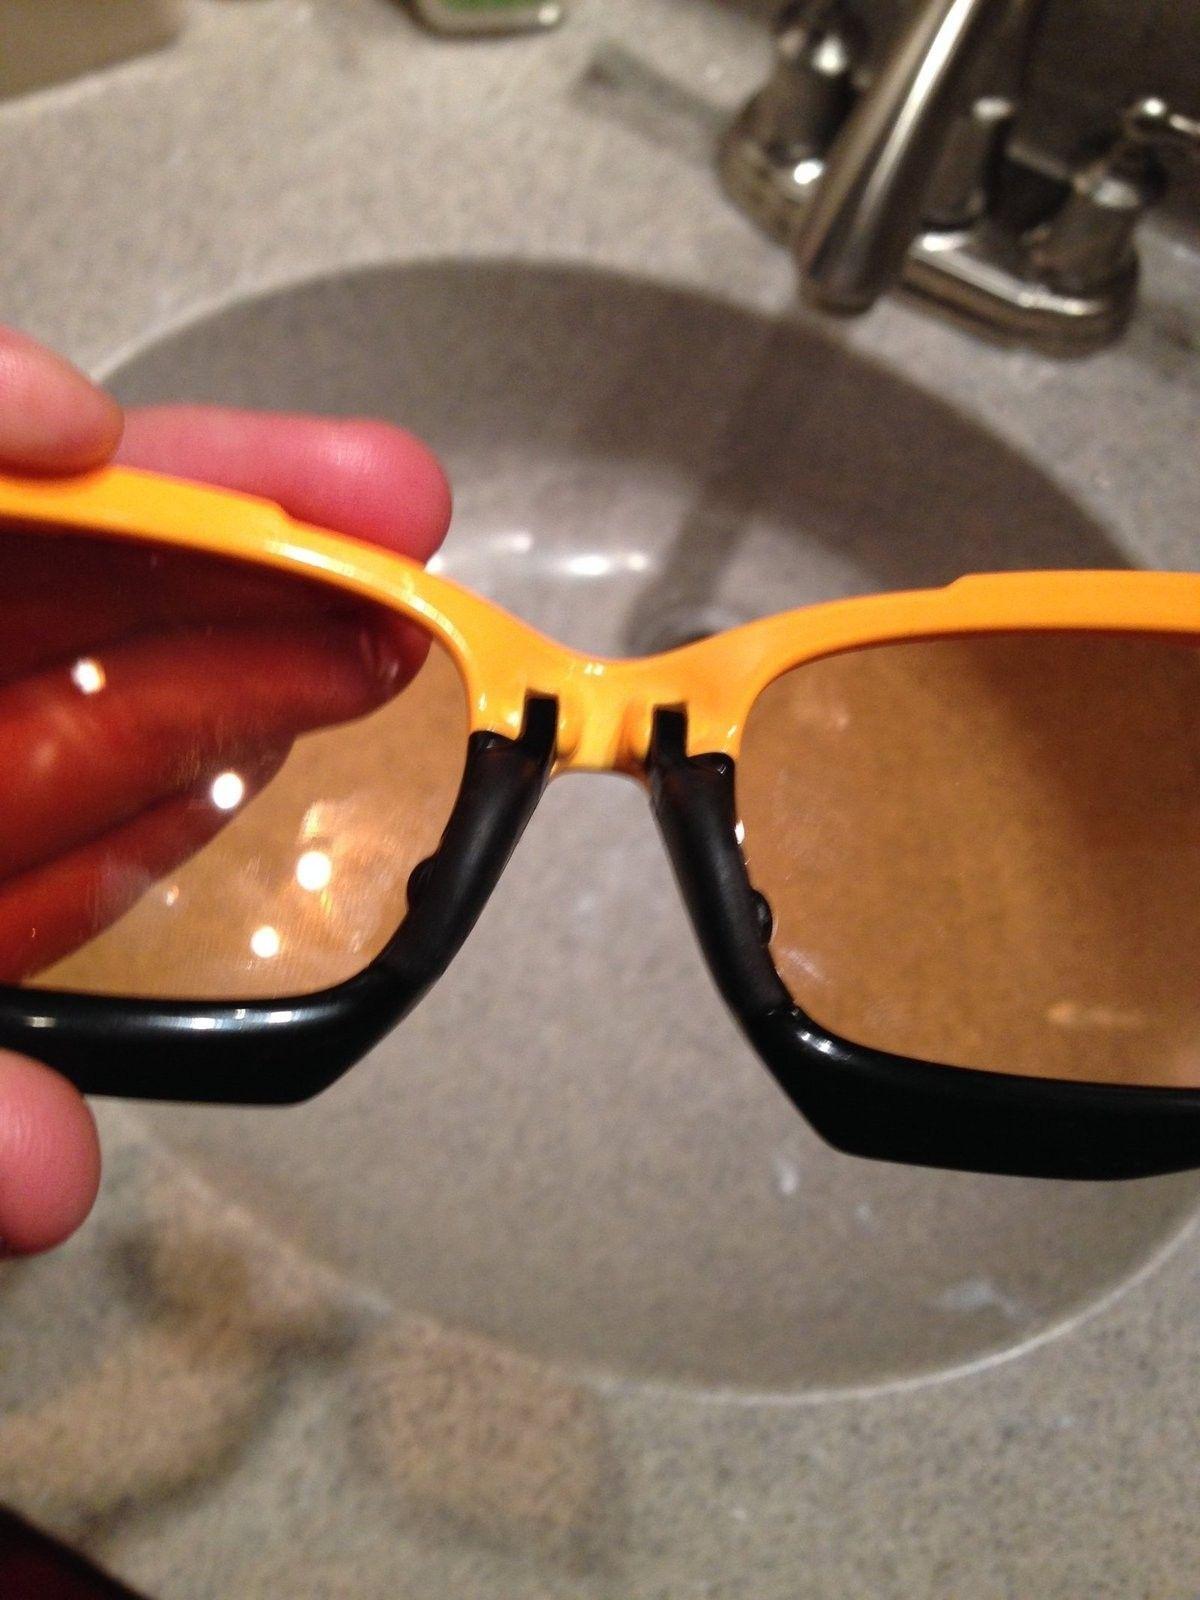 Atomic Orange Jawbone - Real vs. Fake? - image2.JPG